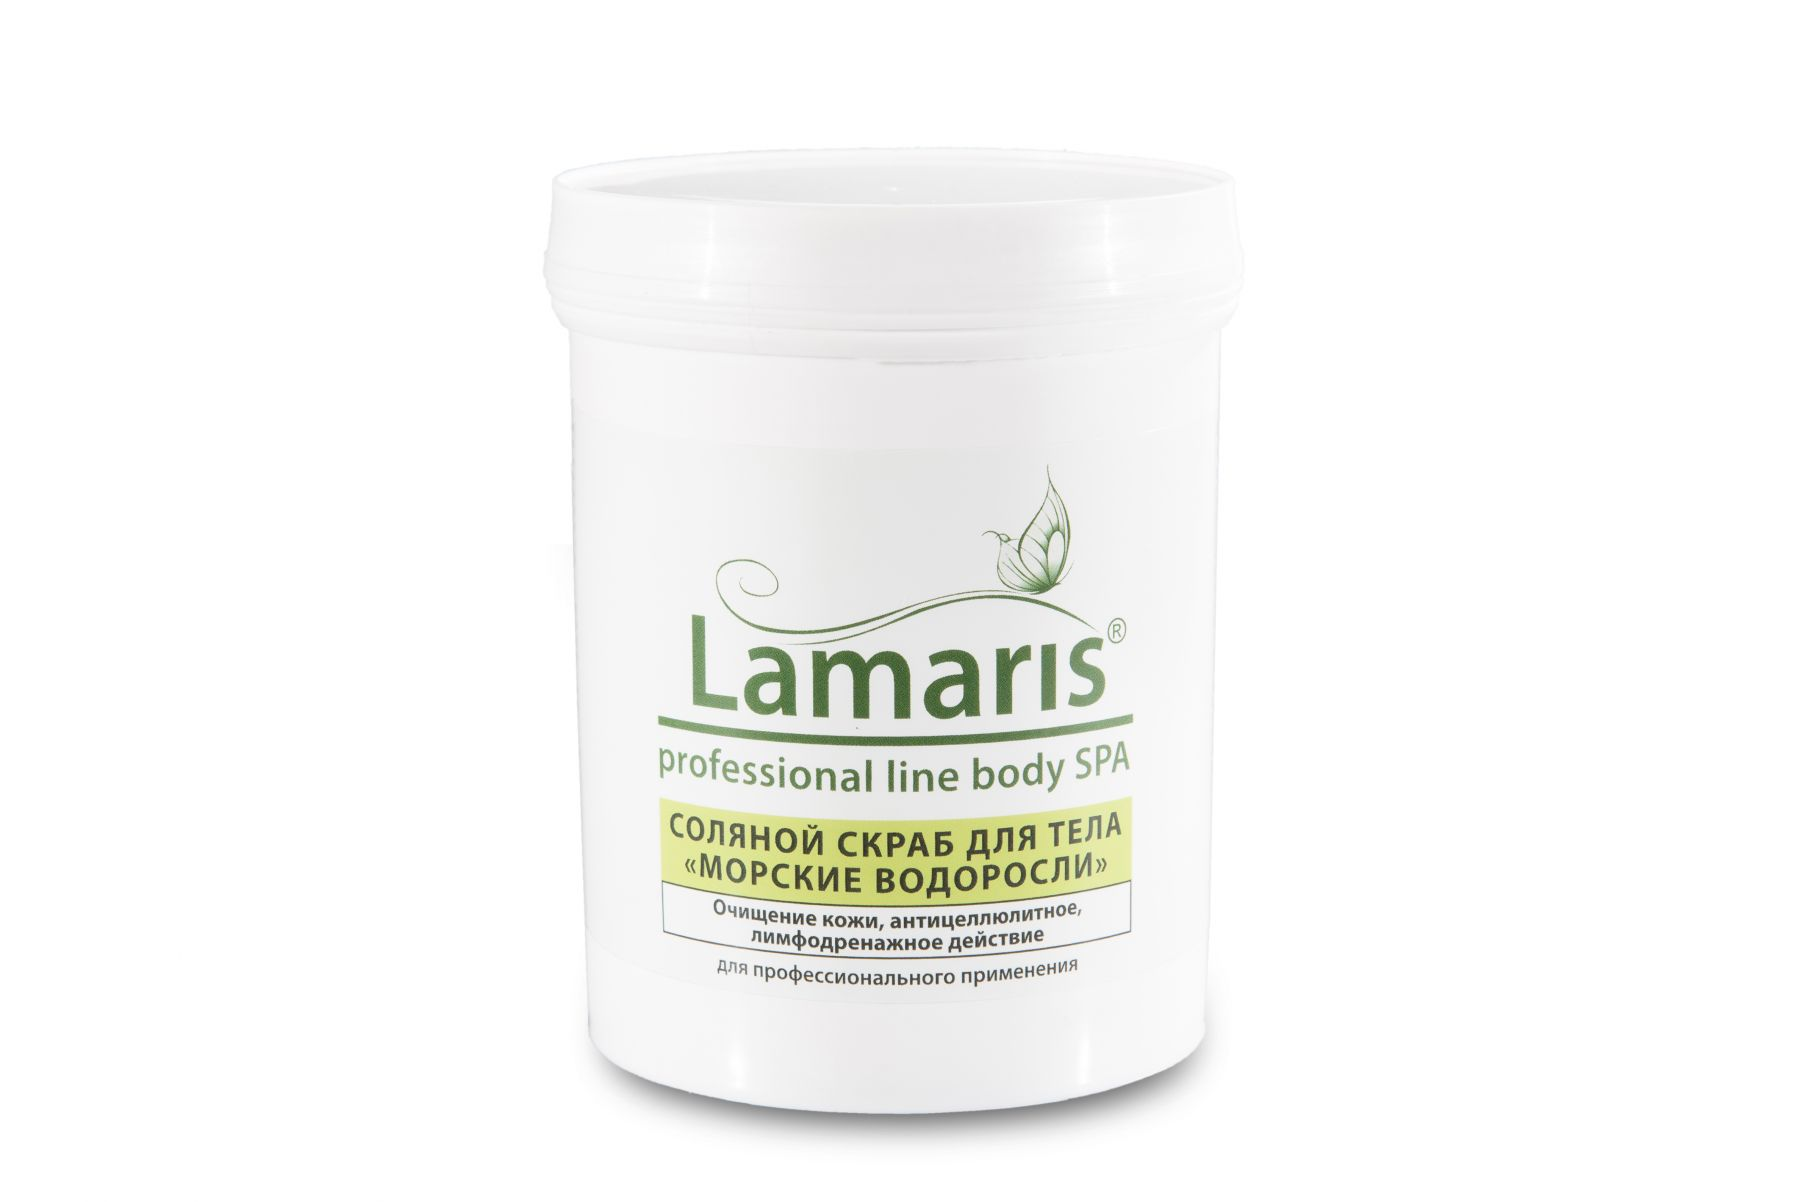 Соляной скраб для тела с МОРСКИМИ ВОДОРОСЛЯМИ Lamaris - 365, 620 гр.